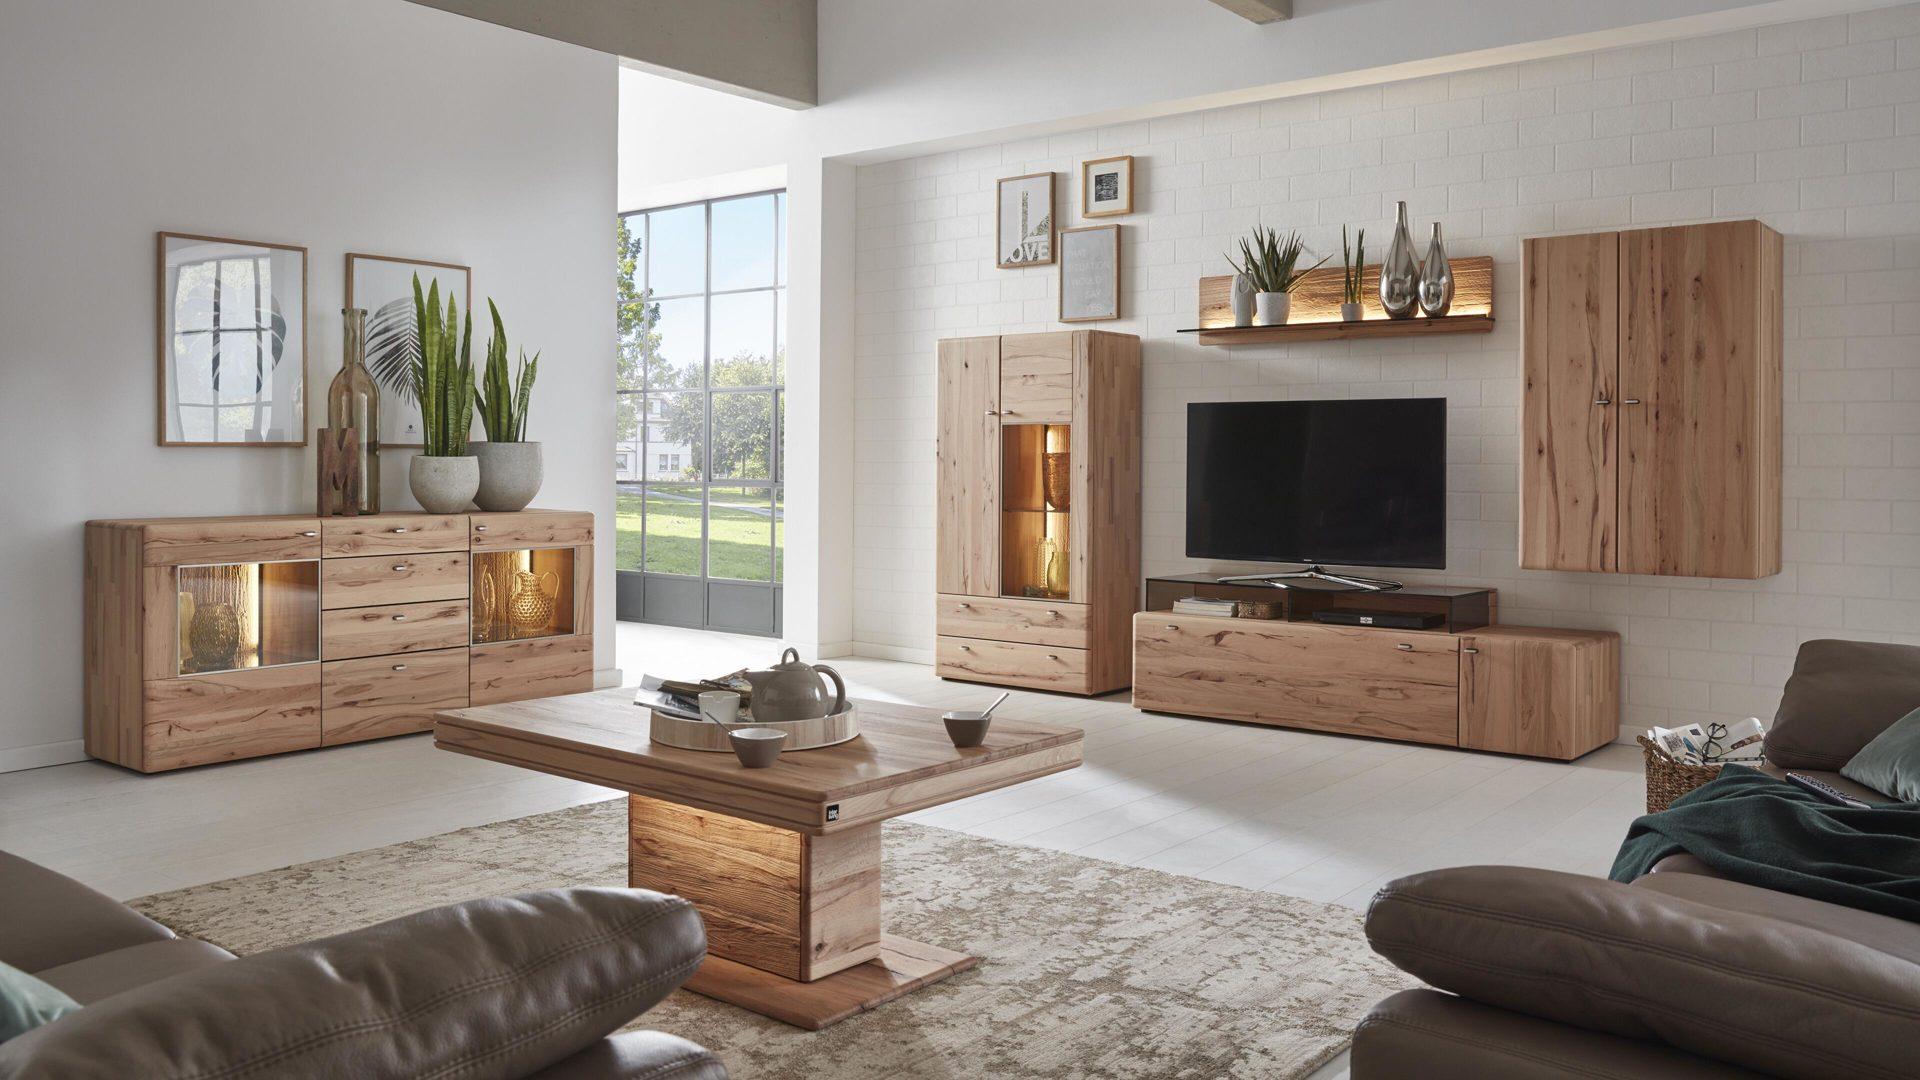 Wohnzimmer Mobel Serie Stauraumvitrine Serie Ribe Hohe 125m